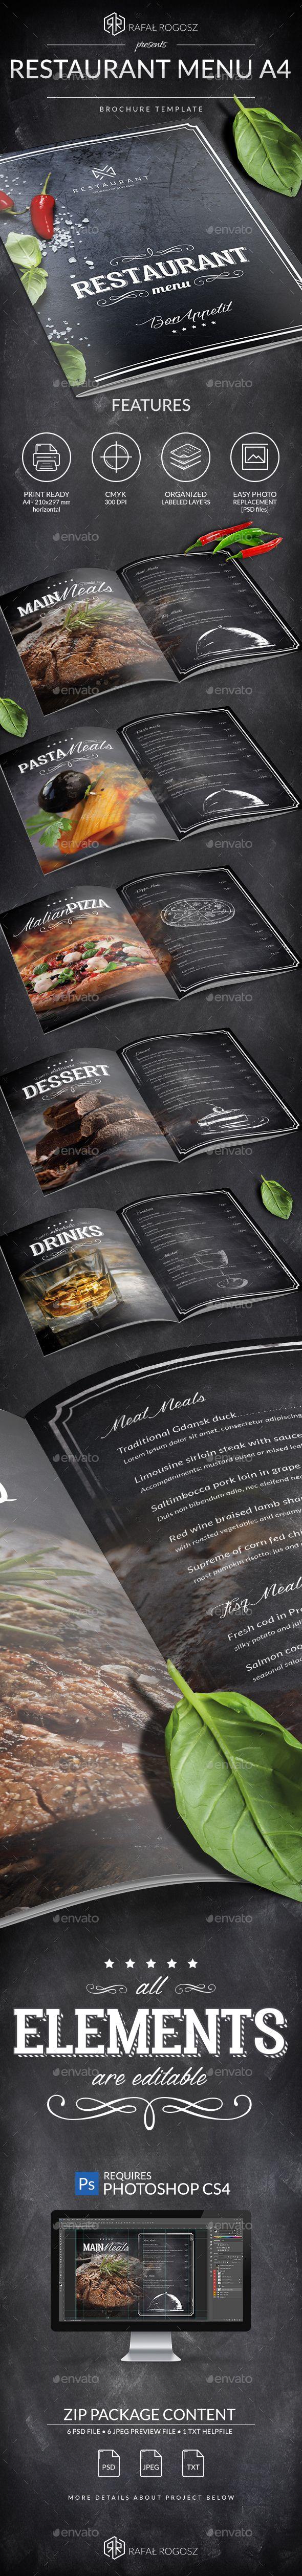 Blackboard Luxury Restaurant Menu A4 Blackboard Luxury